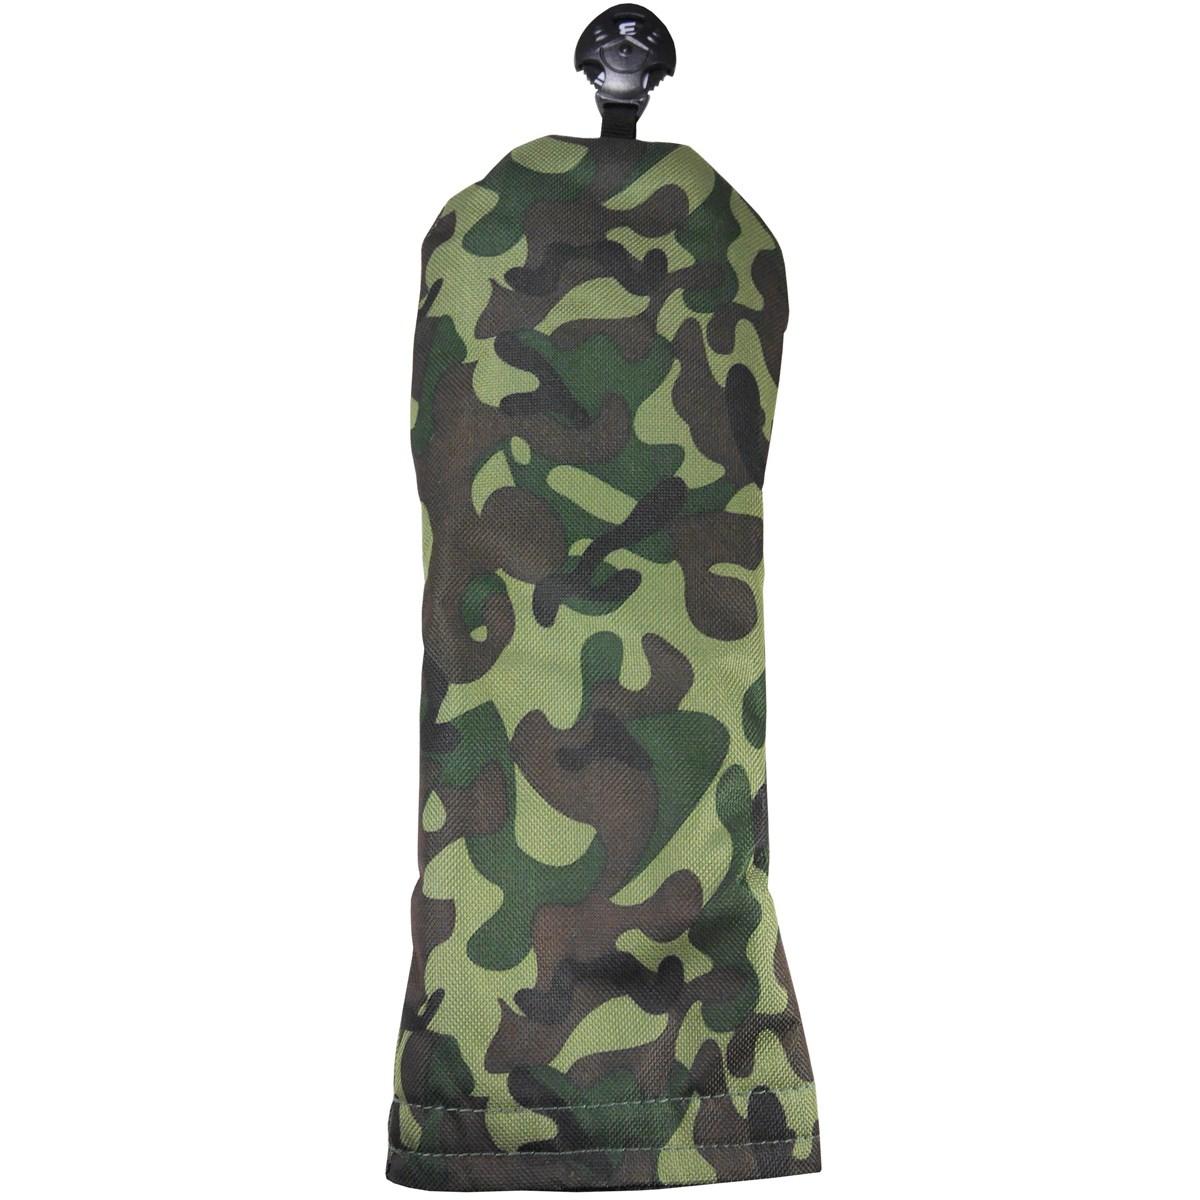 AZROF ヘッドカバー FW用 カモフラグリーン